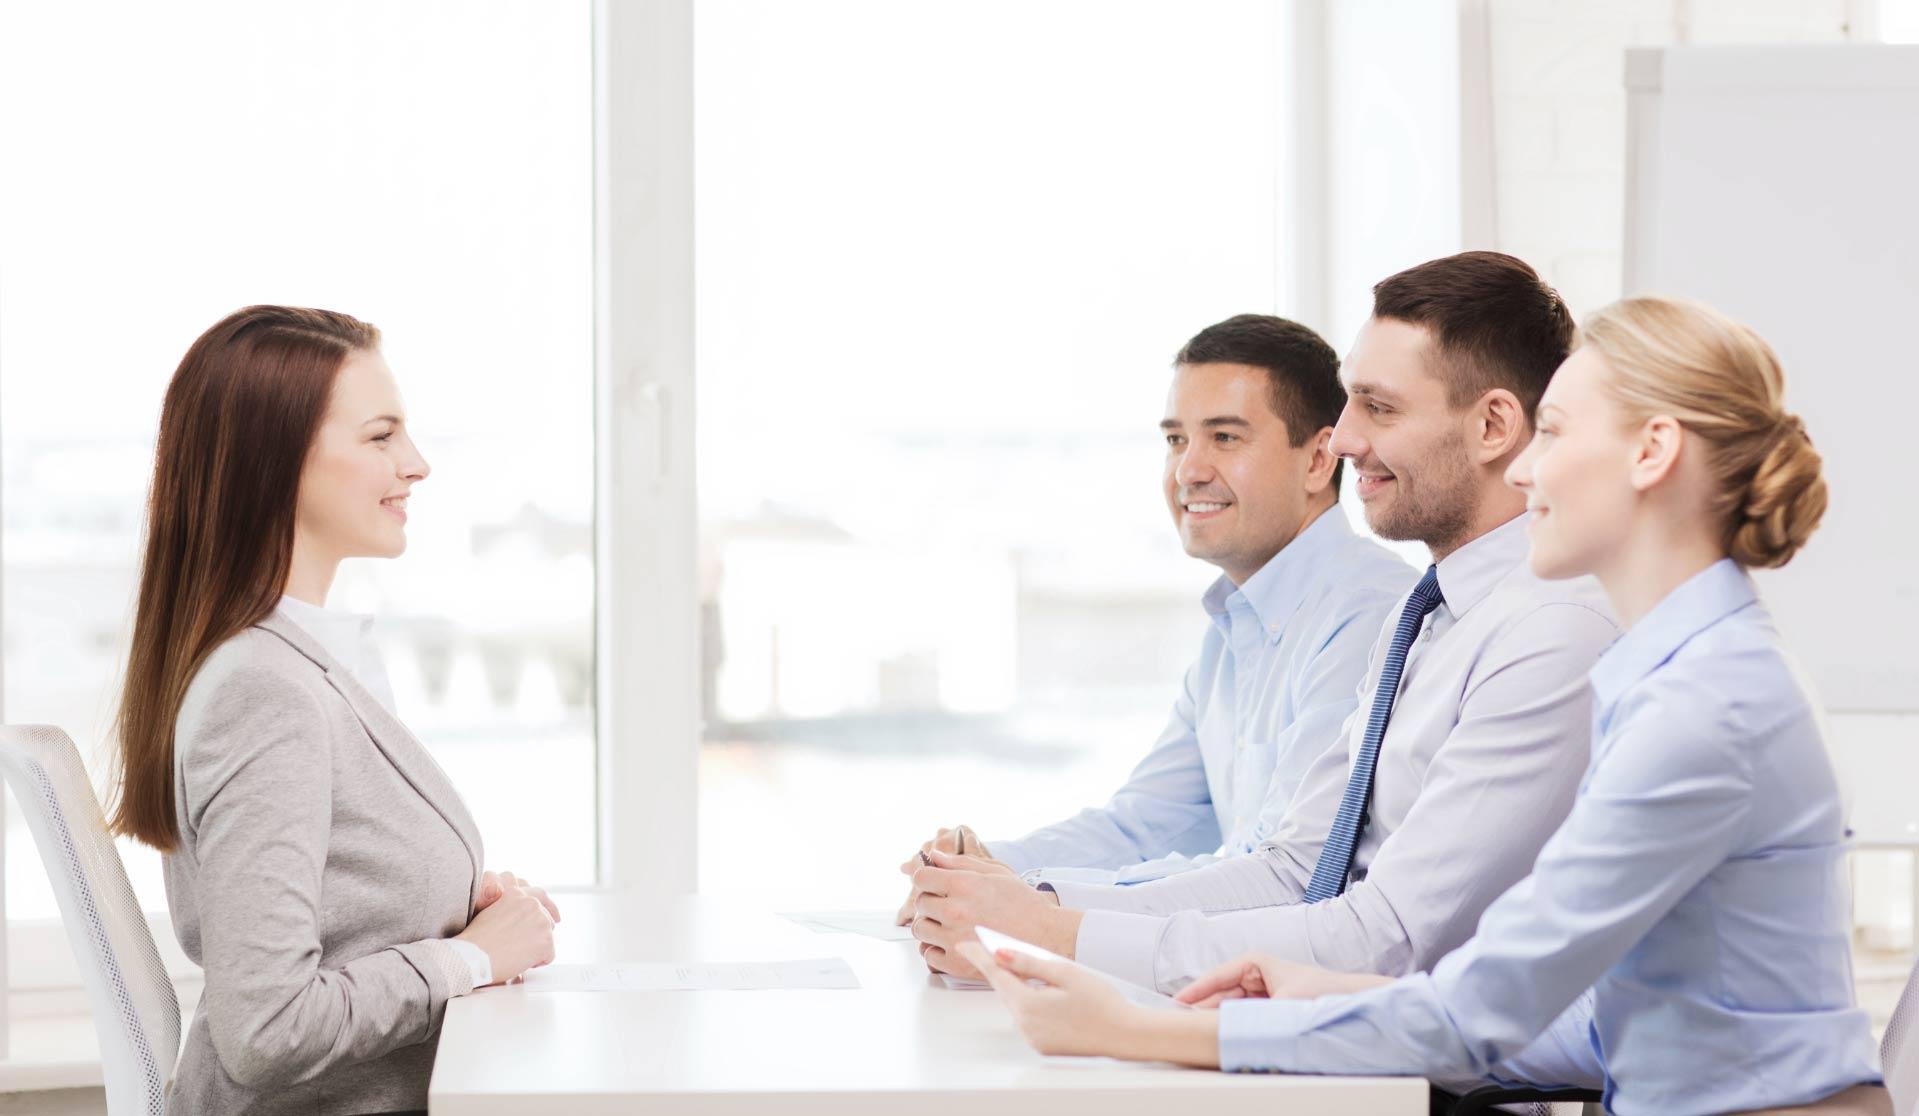 Types of MBA Majors